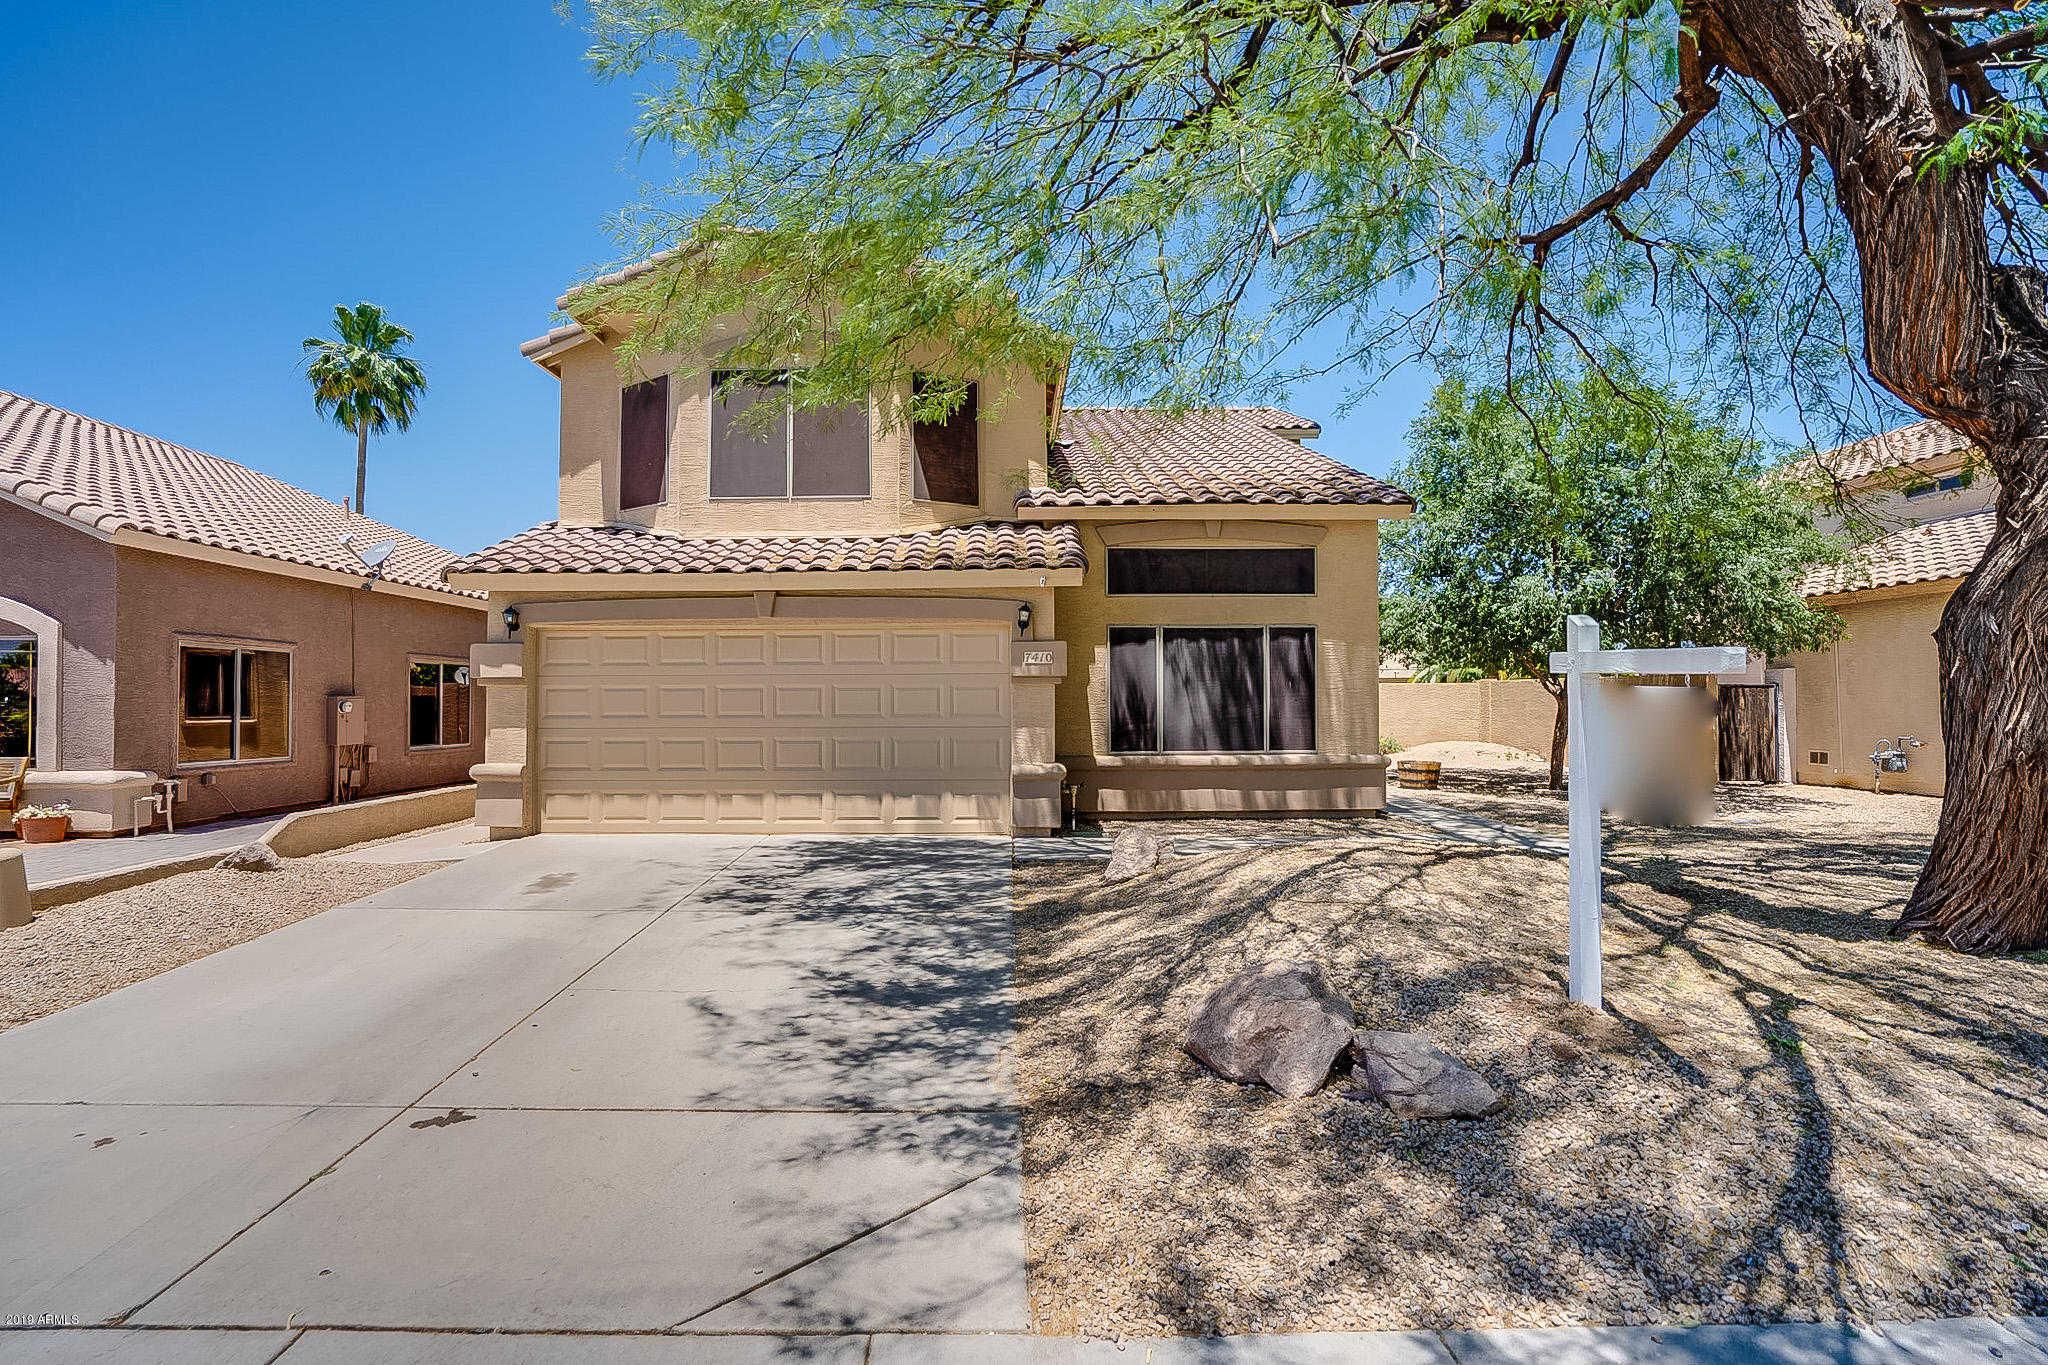 $359,000 - 4Br/3Ba - Home for Sale in Sierra Verde Parcel N Mcr, Glendale